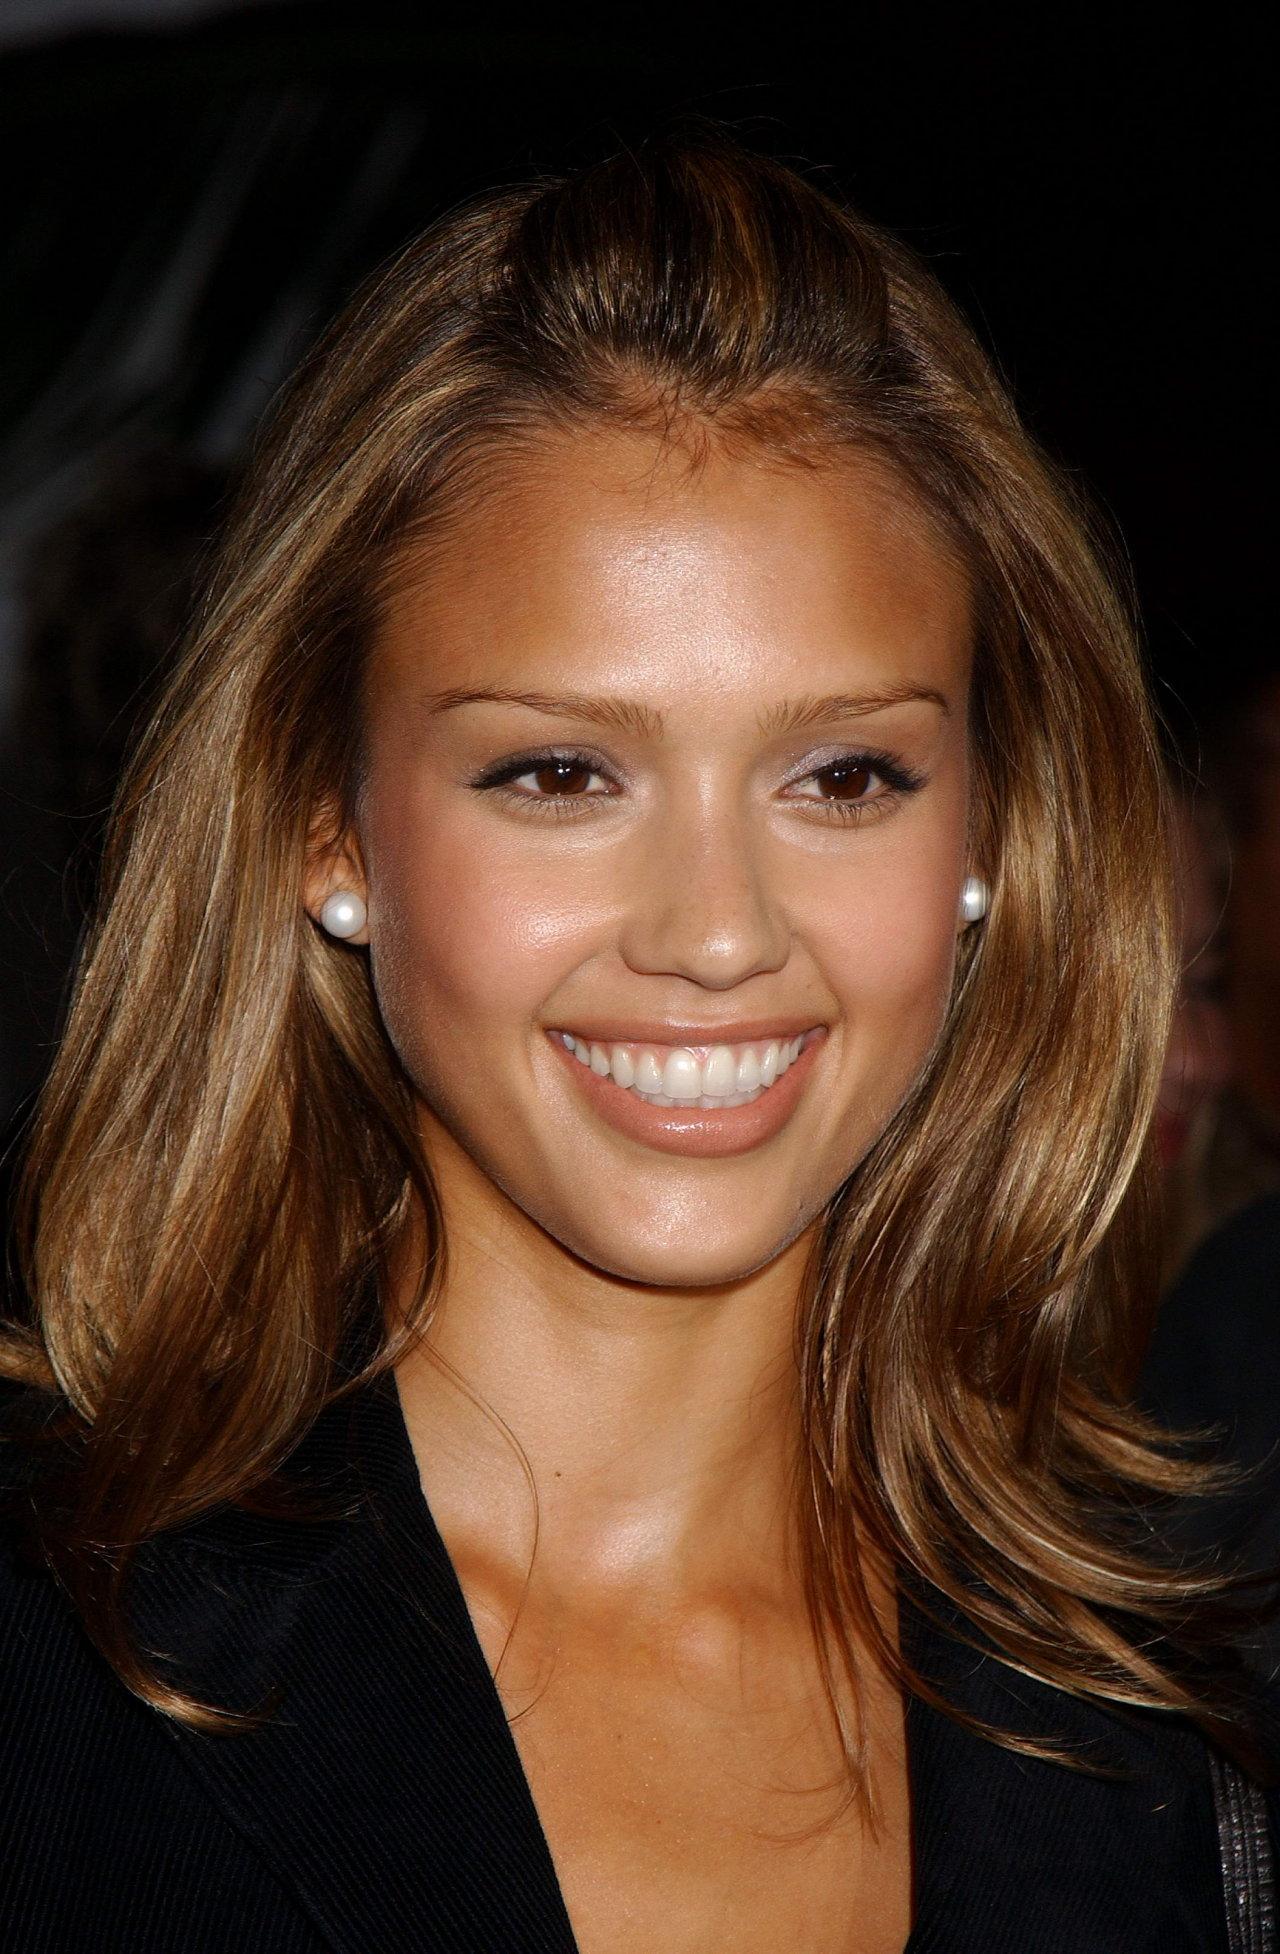 Congratulate, Jessica alba young all